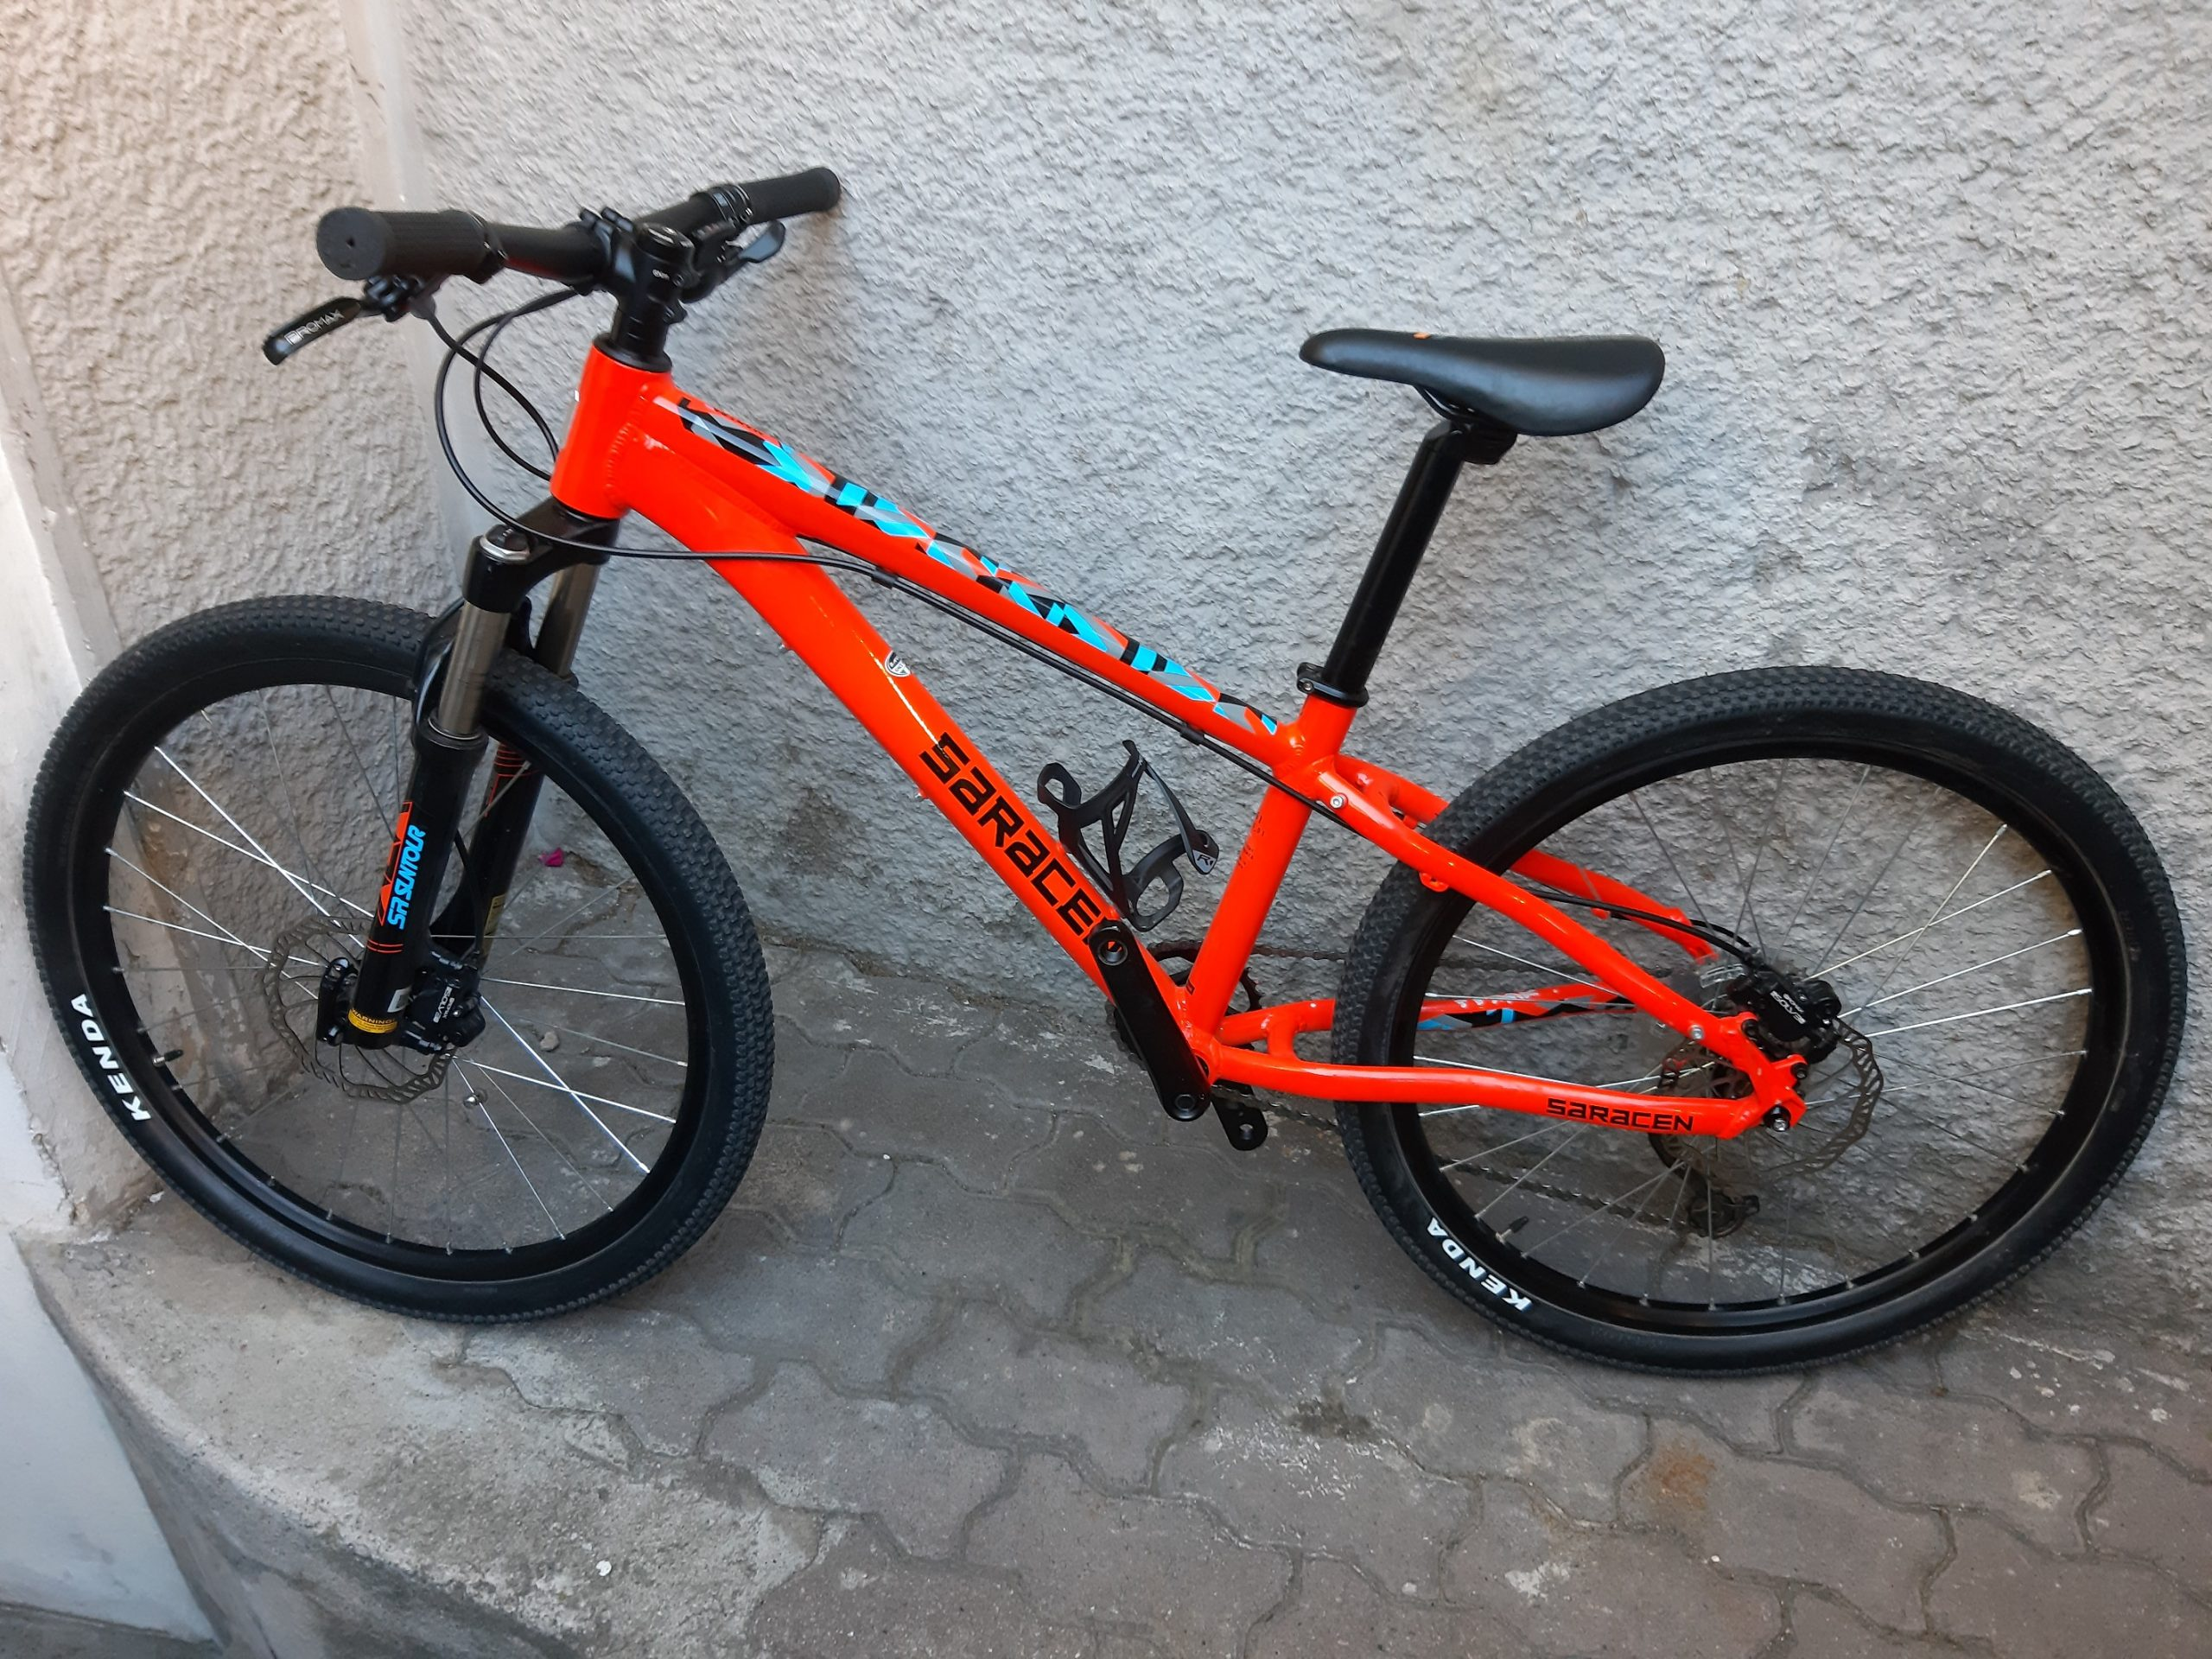 Vendita biciclette ebike usate a Bolzano